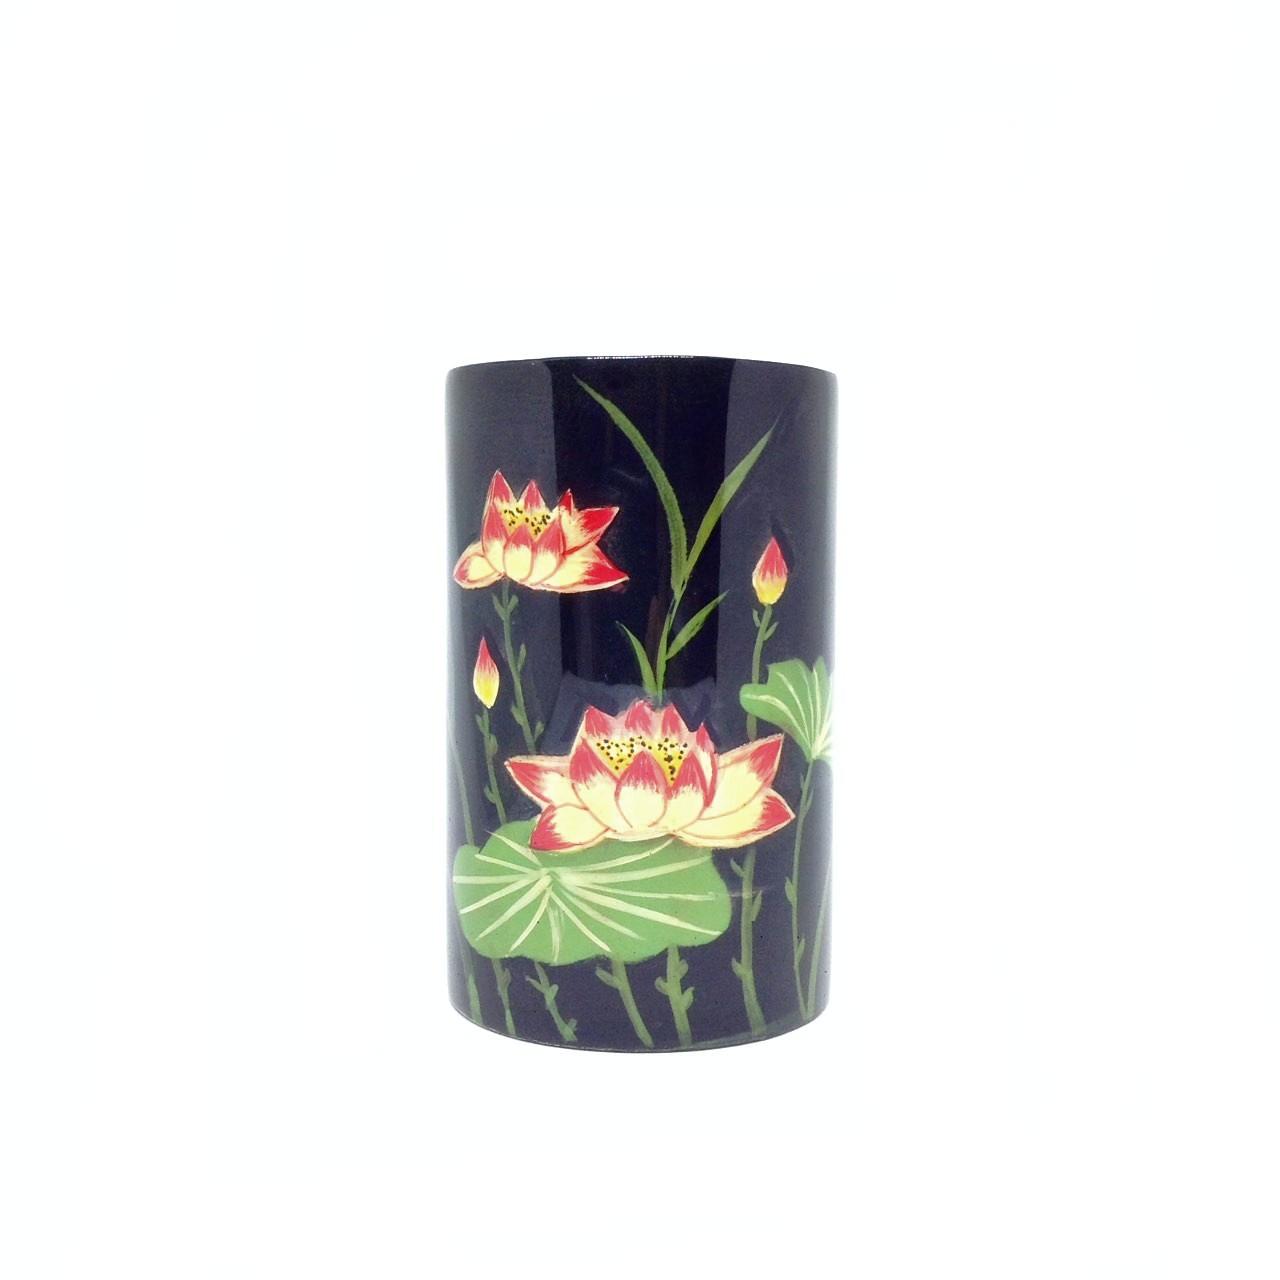 Cắm Bút Gỗ Sơn Mài Vẽ Hoa